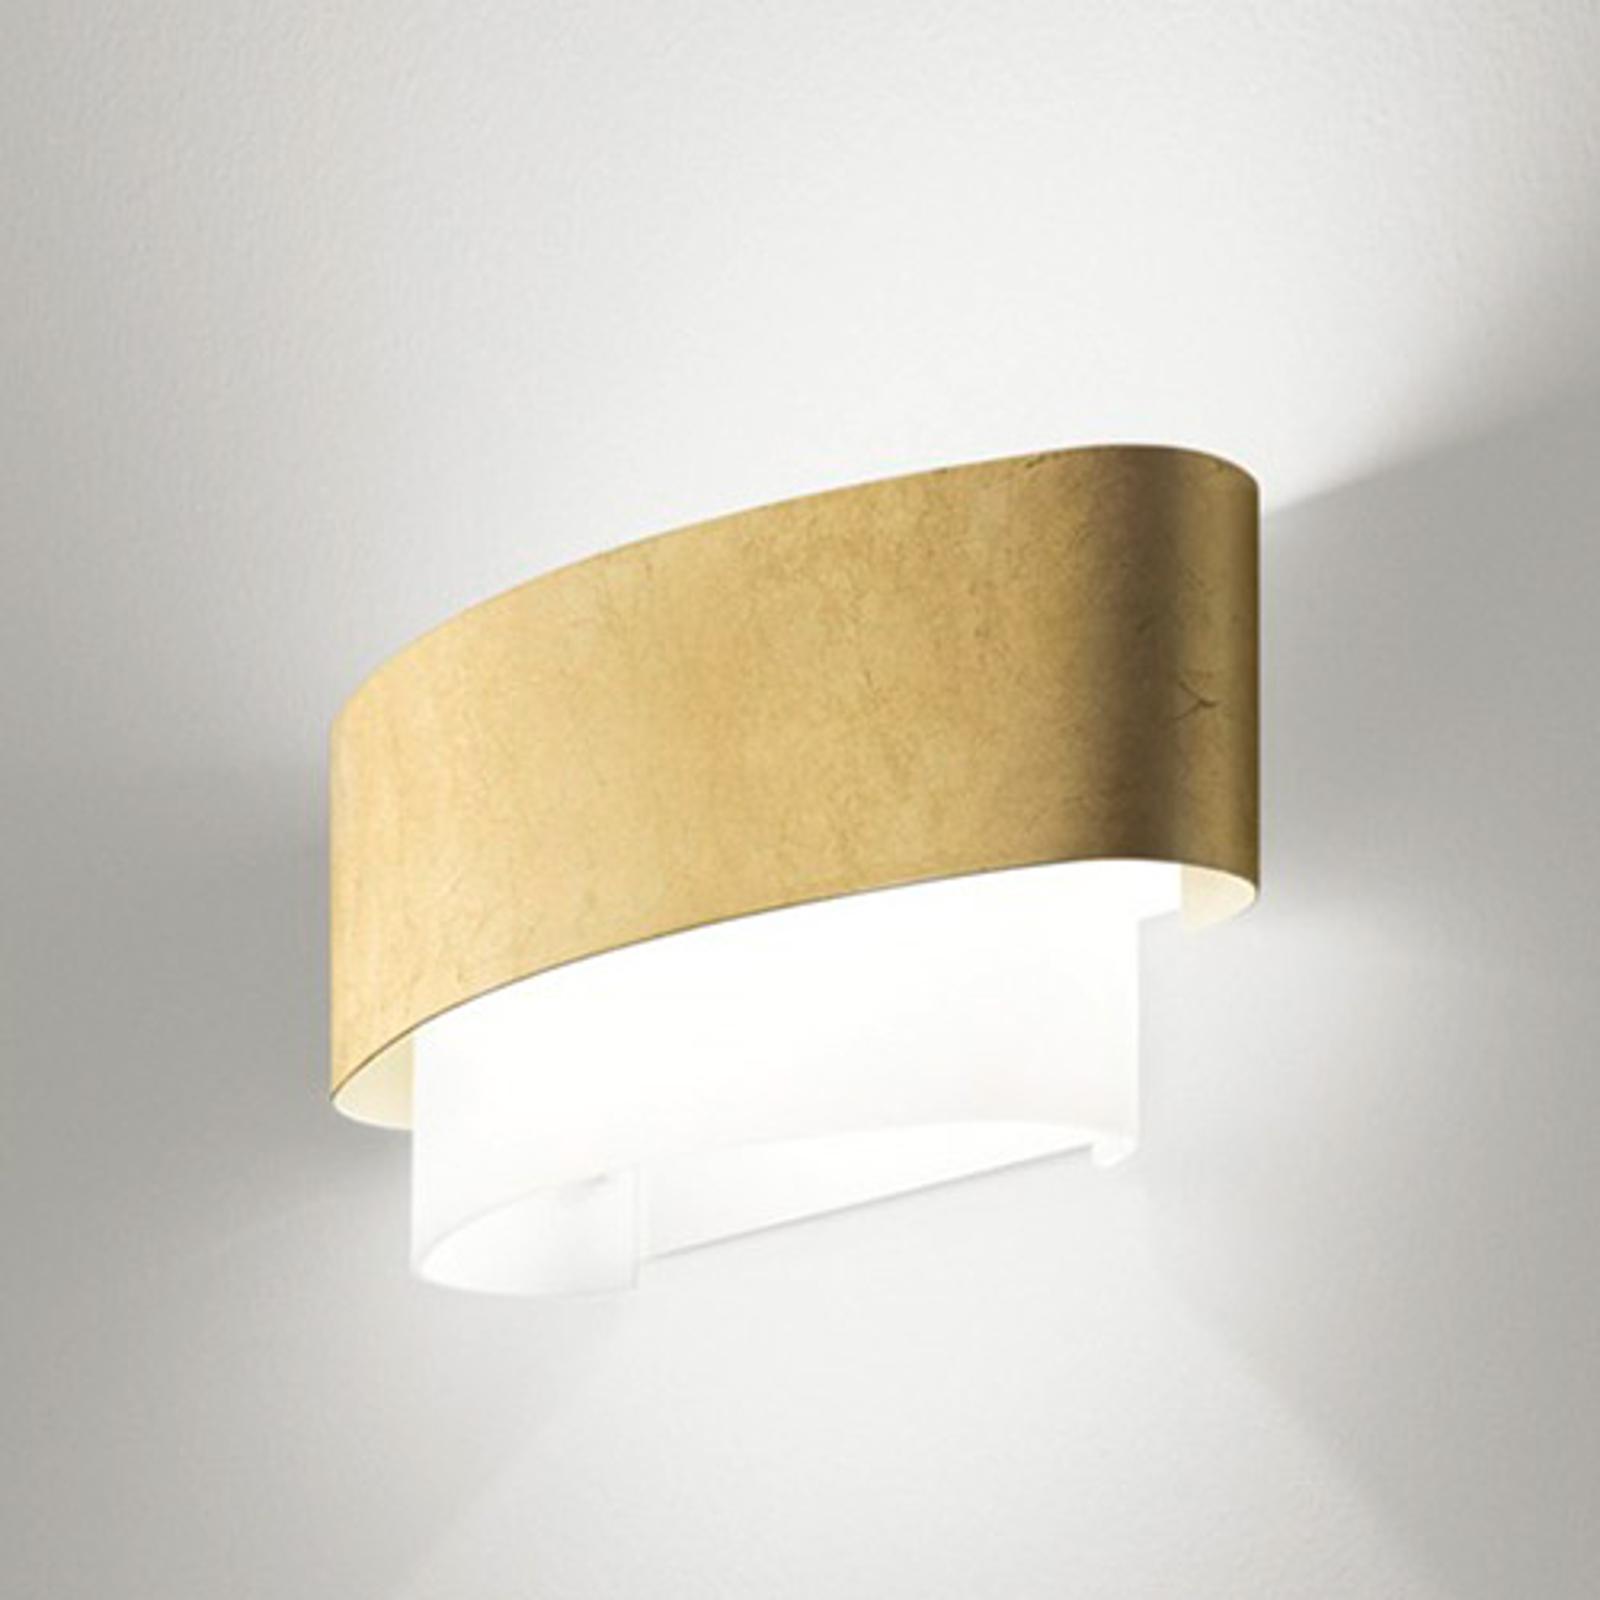 Wygląd złotych liści - lampa ścienna Matrioska